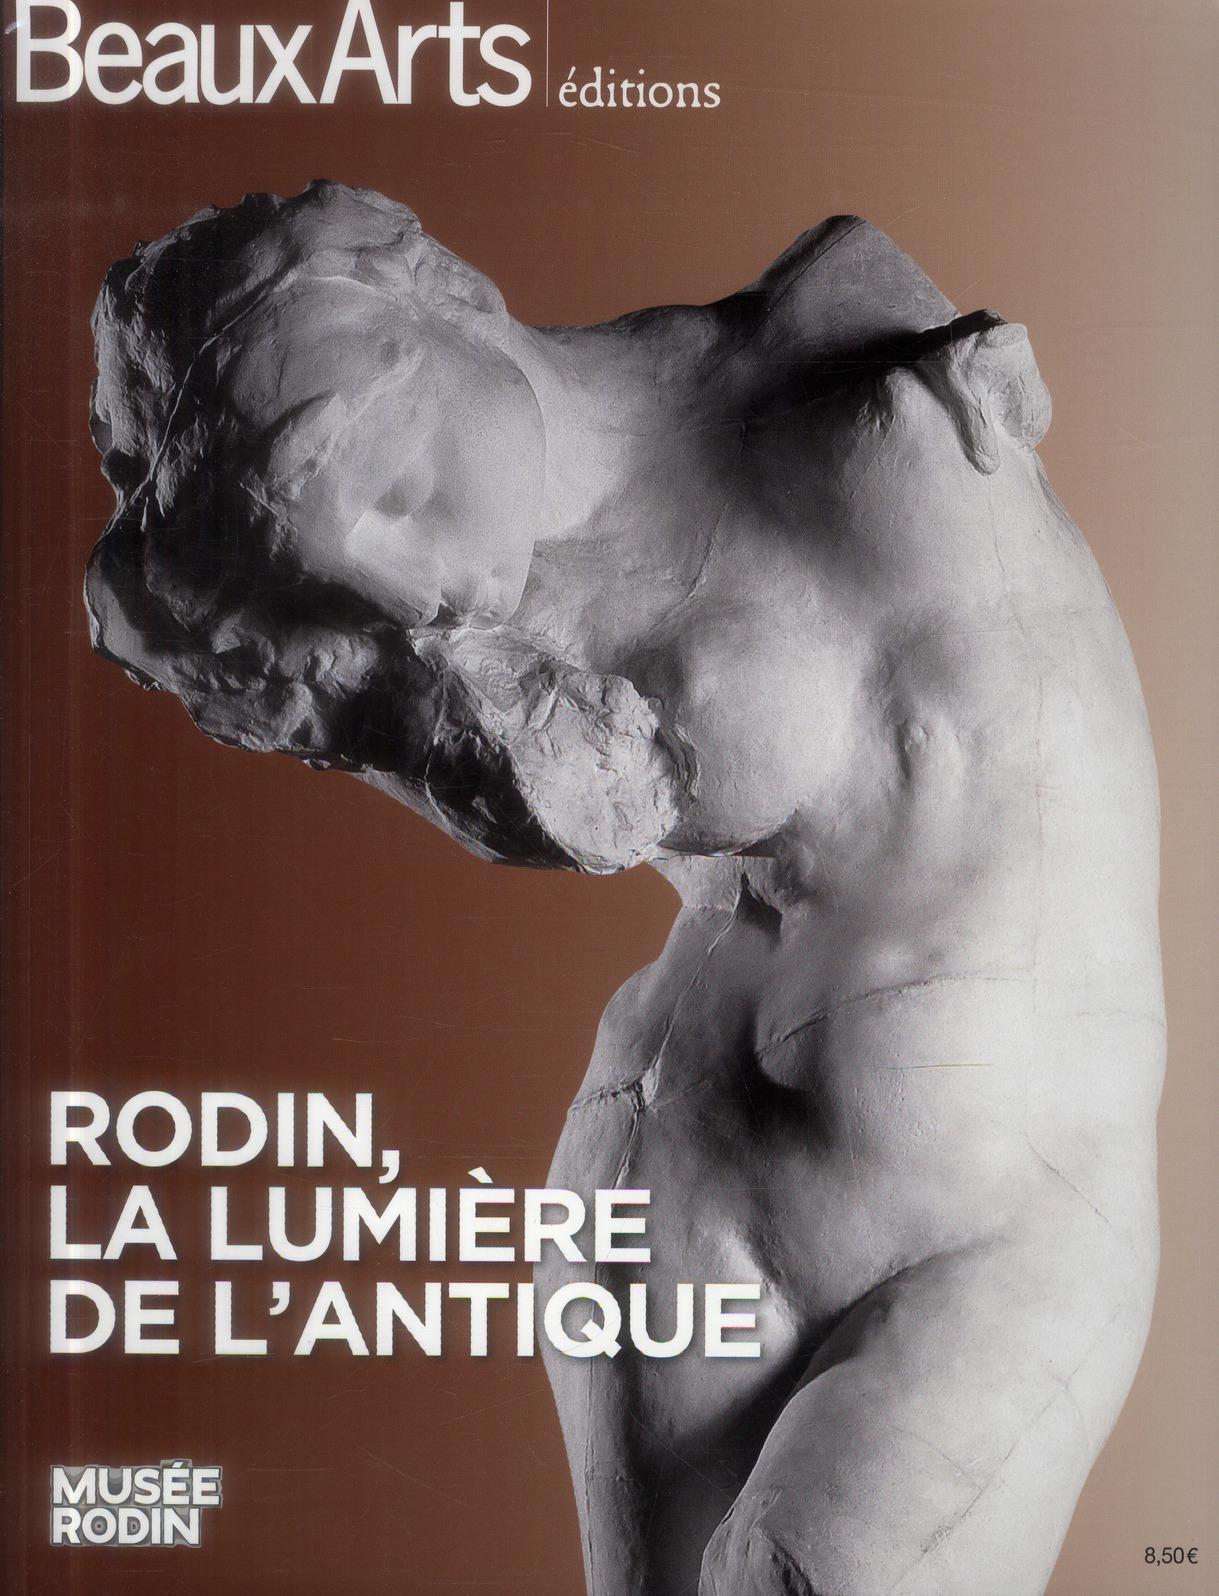 RODIN,LA LUMIERE DE L'ANTIQUE